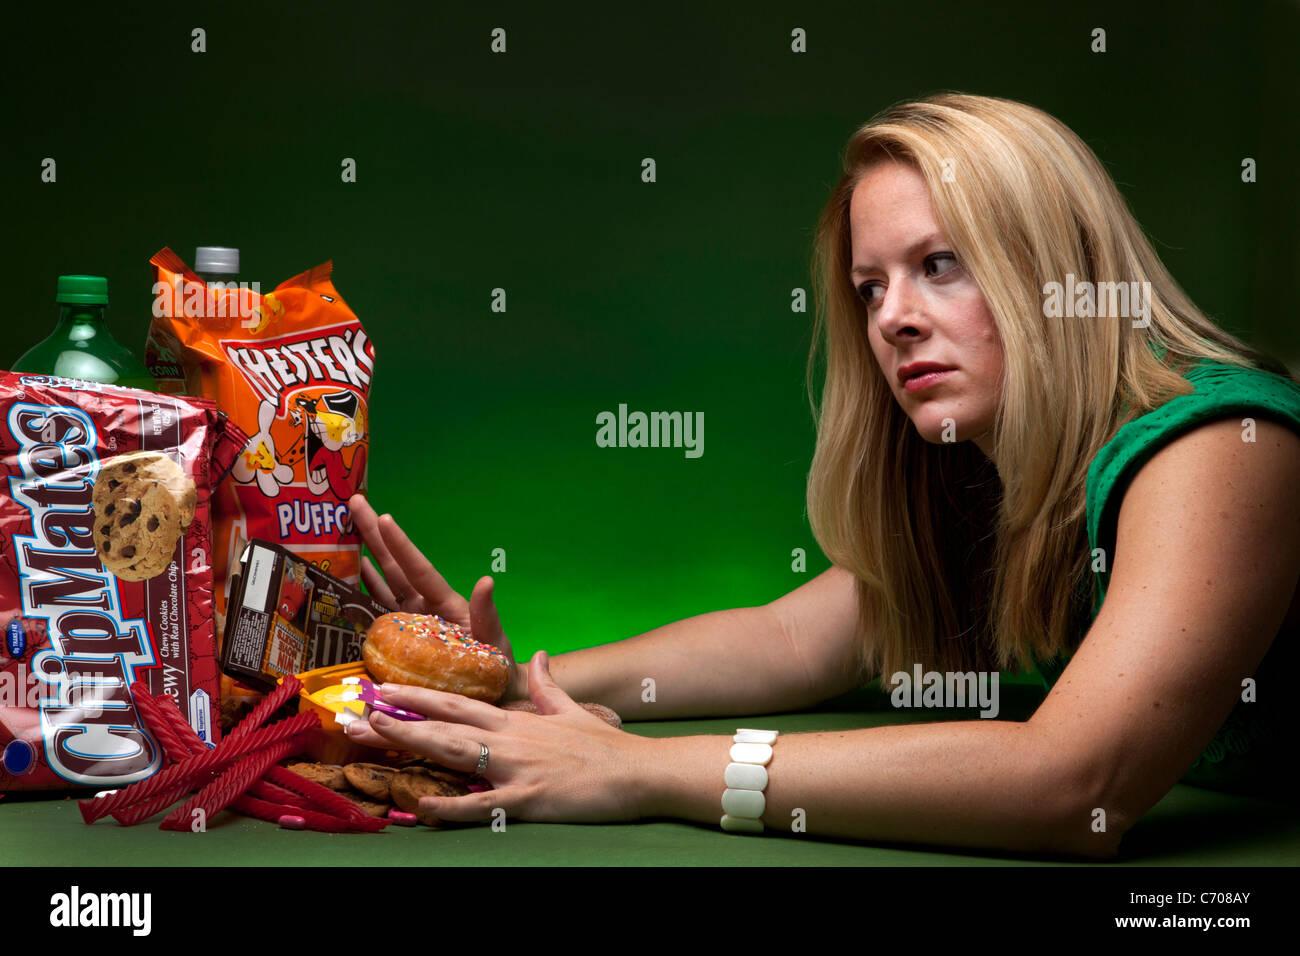 Alejando la comida chatarra, editorial ilustración Imagen De Stock